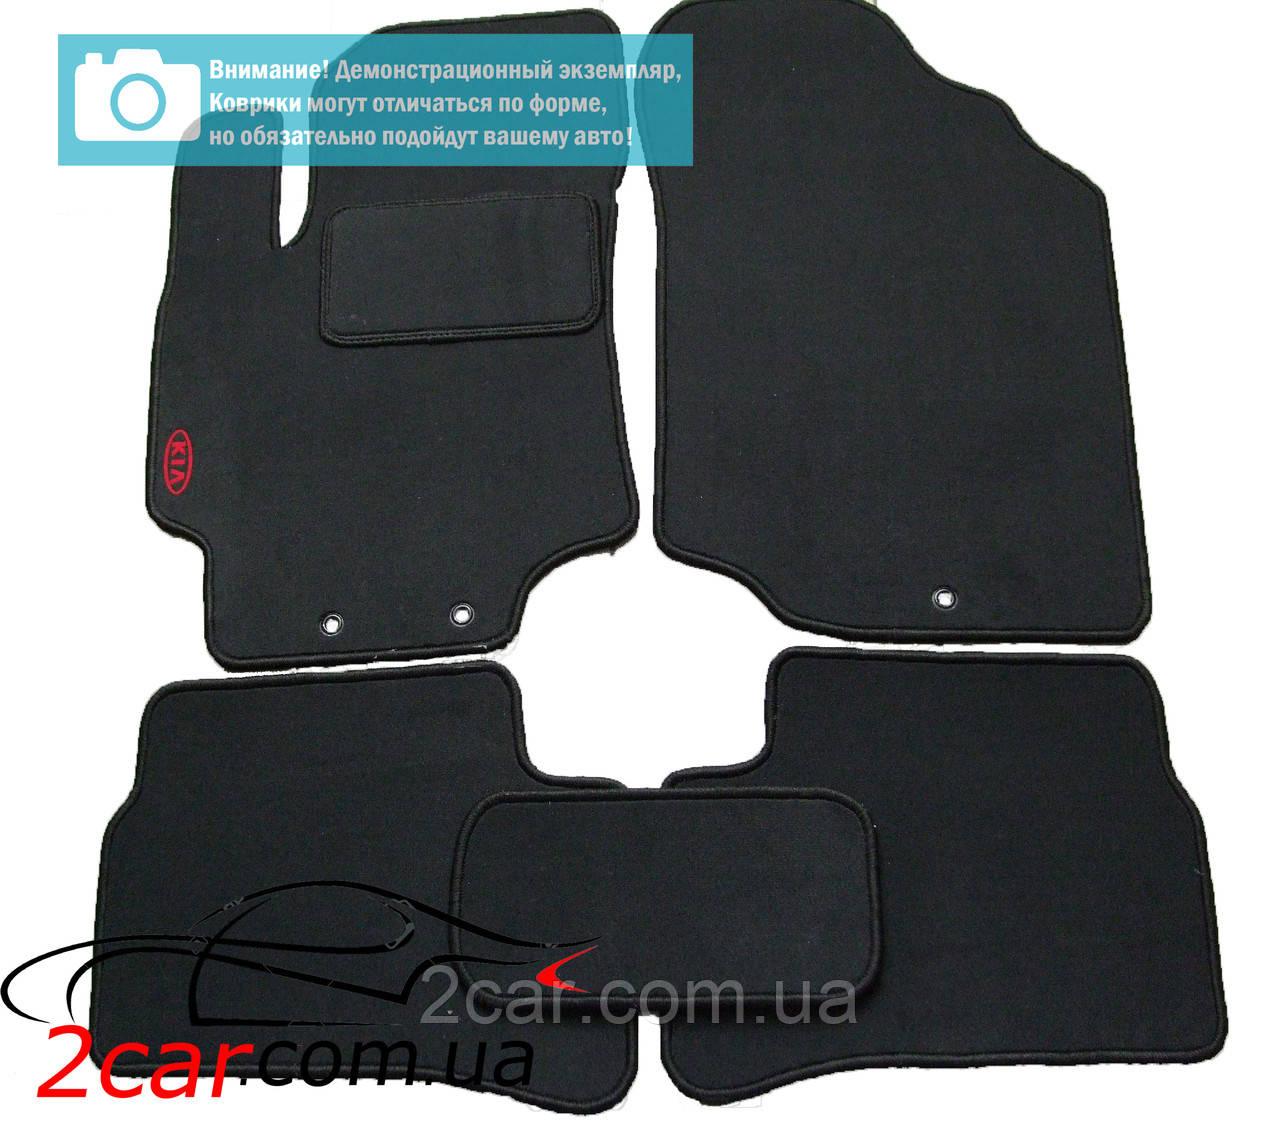 Текстильные коврики в салон для Mazda 6 (2013-) (чёрный) (StingrayUA)